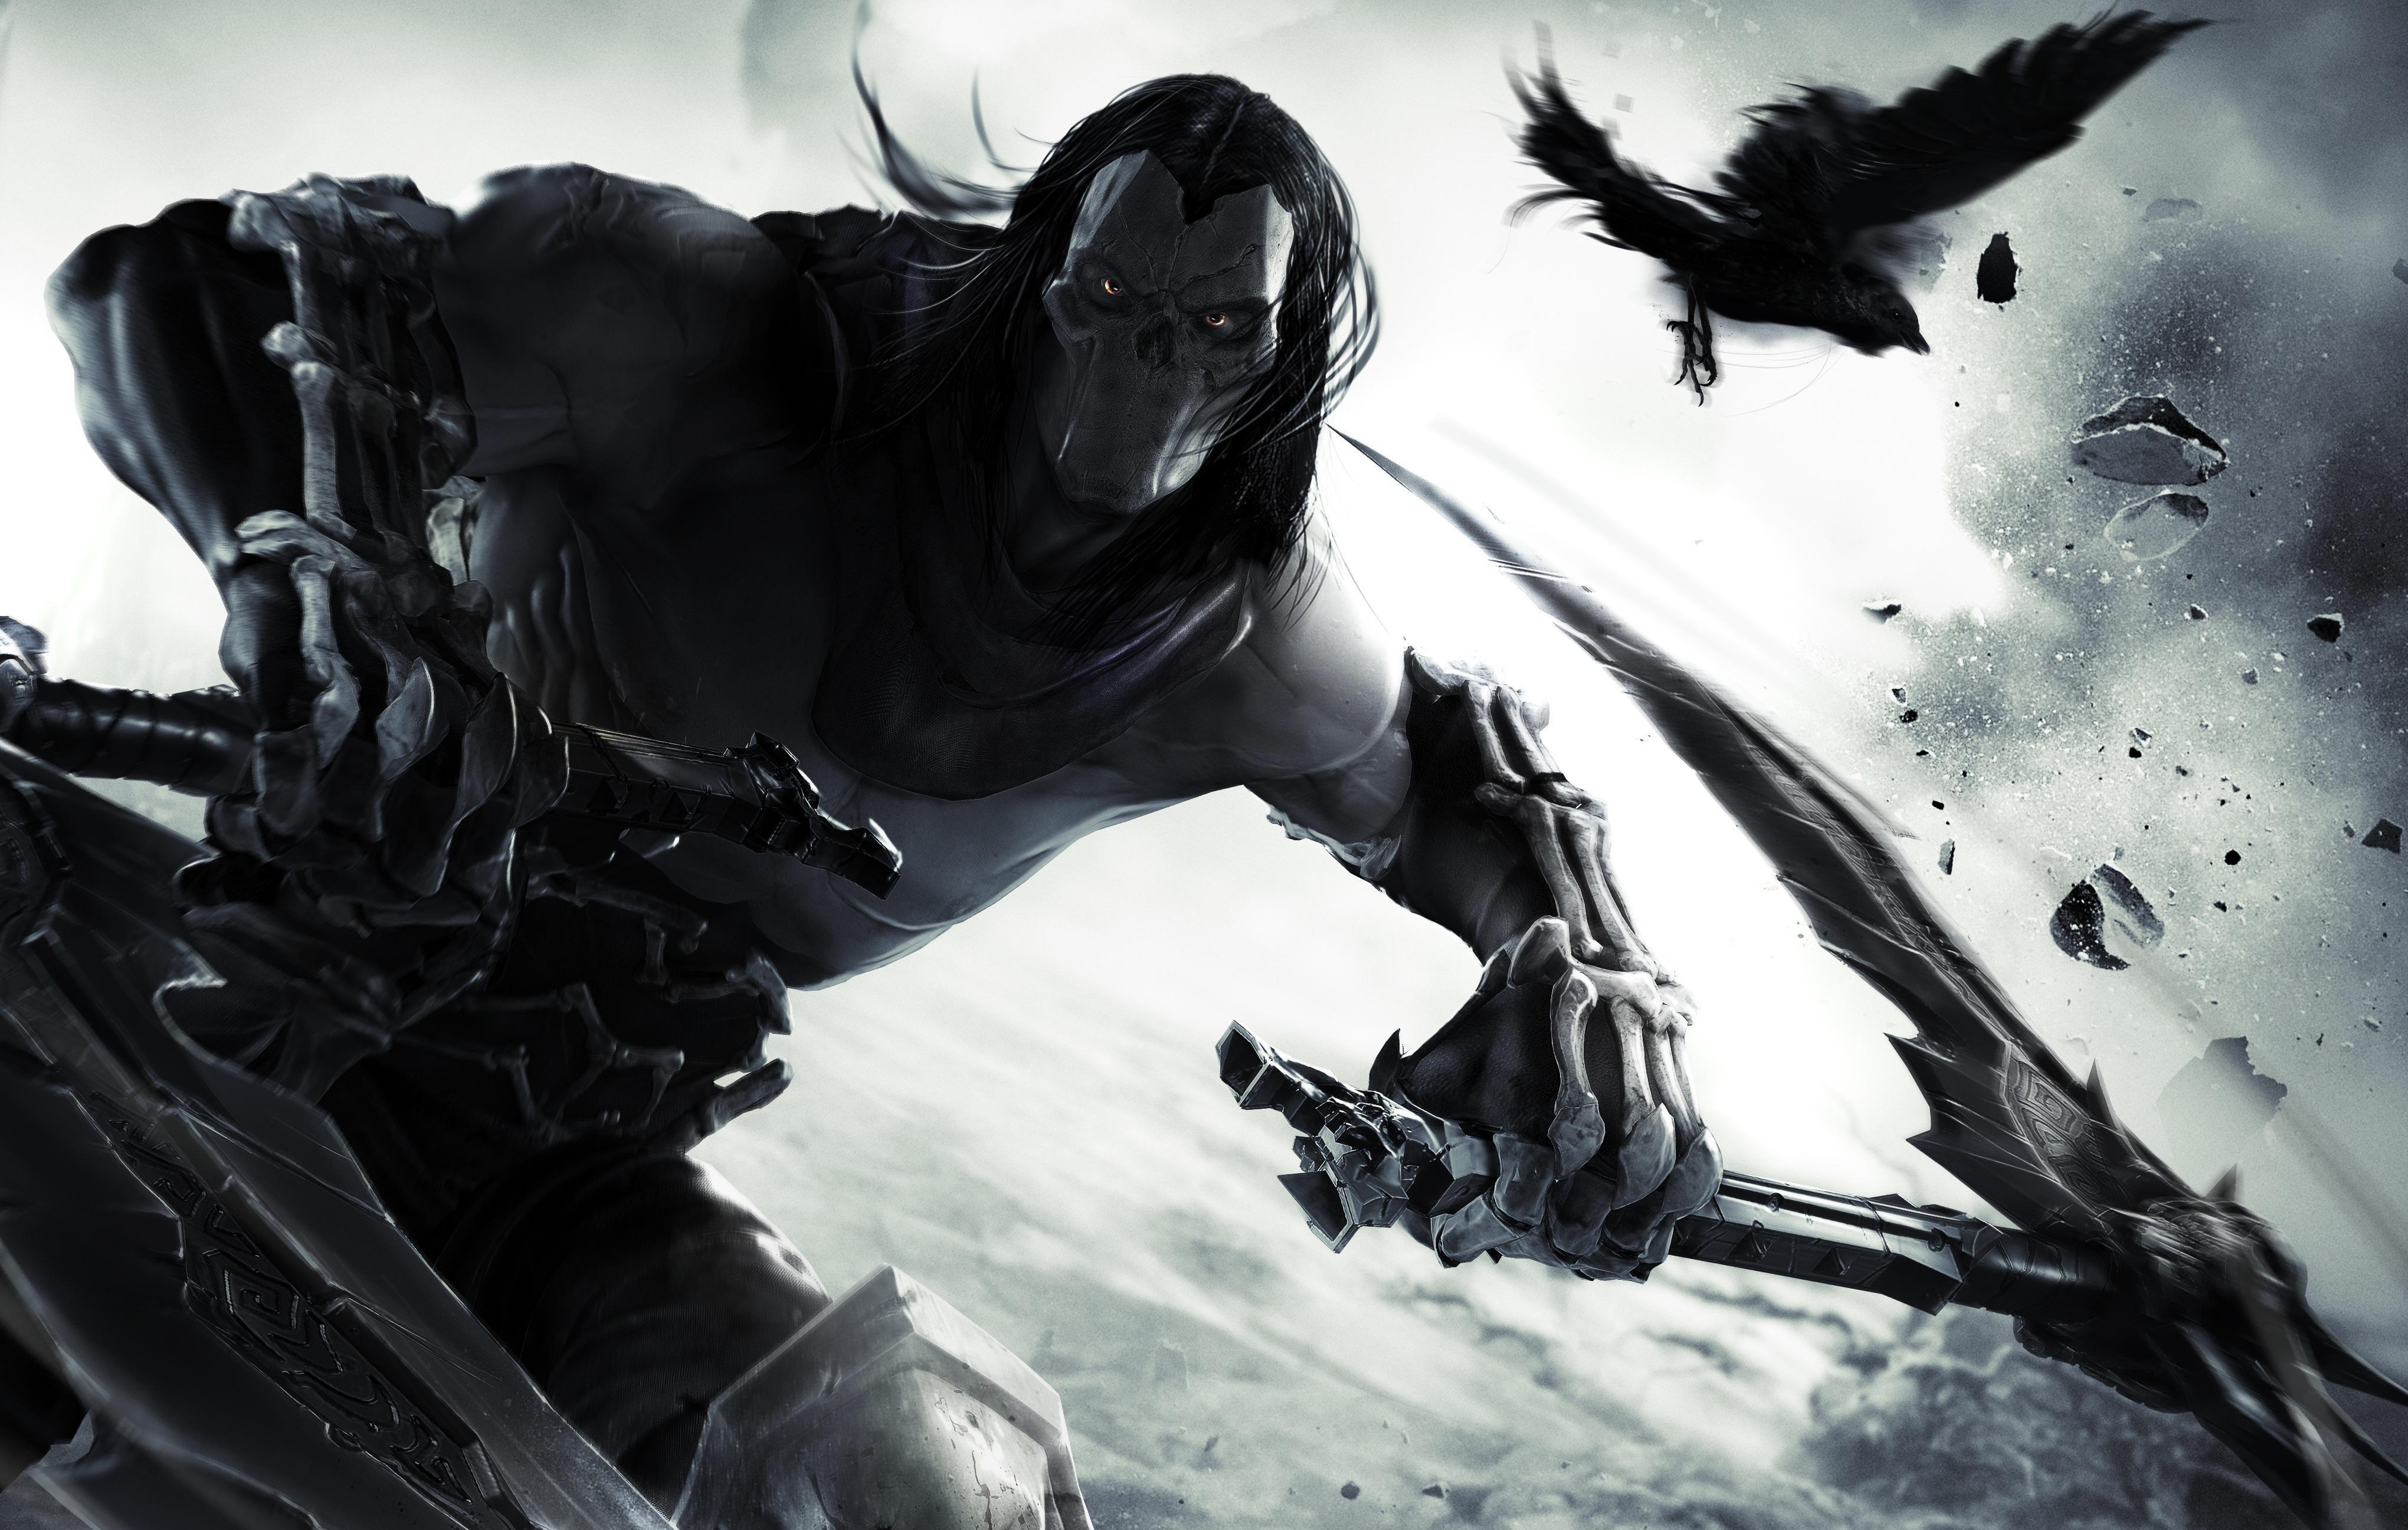 Картинка: Всадник, Смерть, птица, ворон, маска, взгляд, кости, удар, косы, игра, Darksiders 2